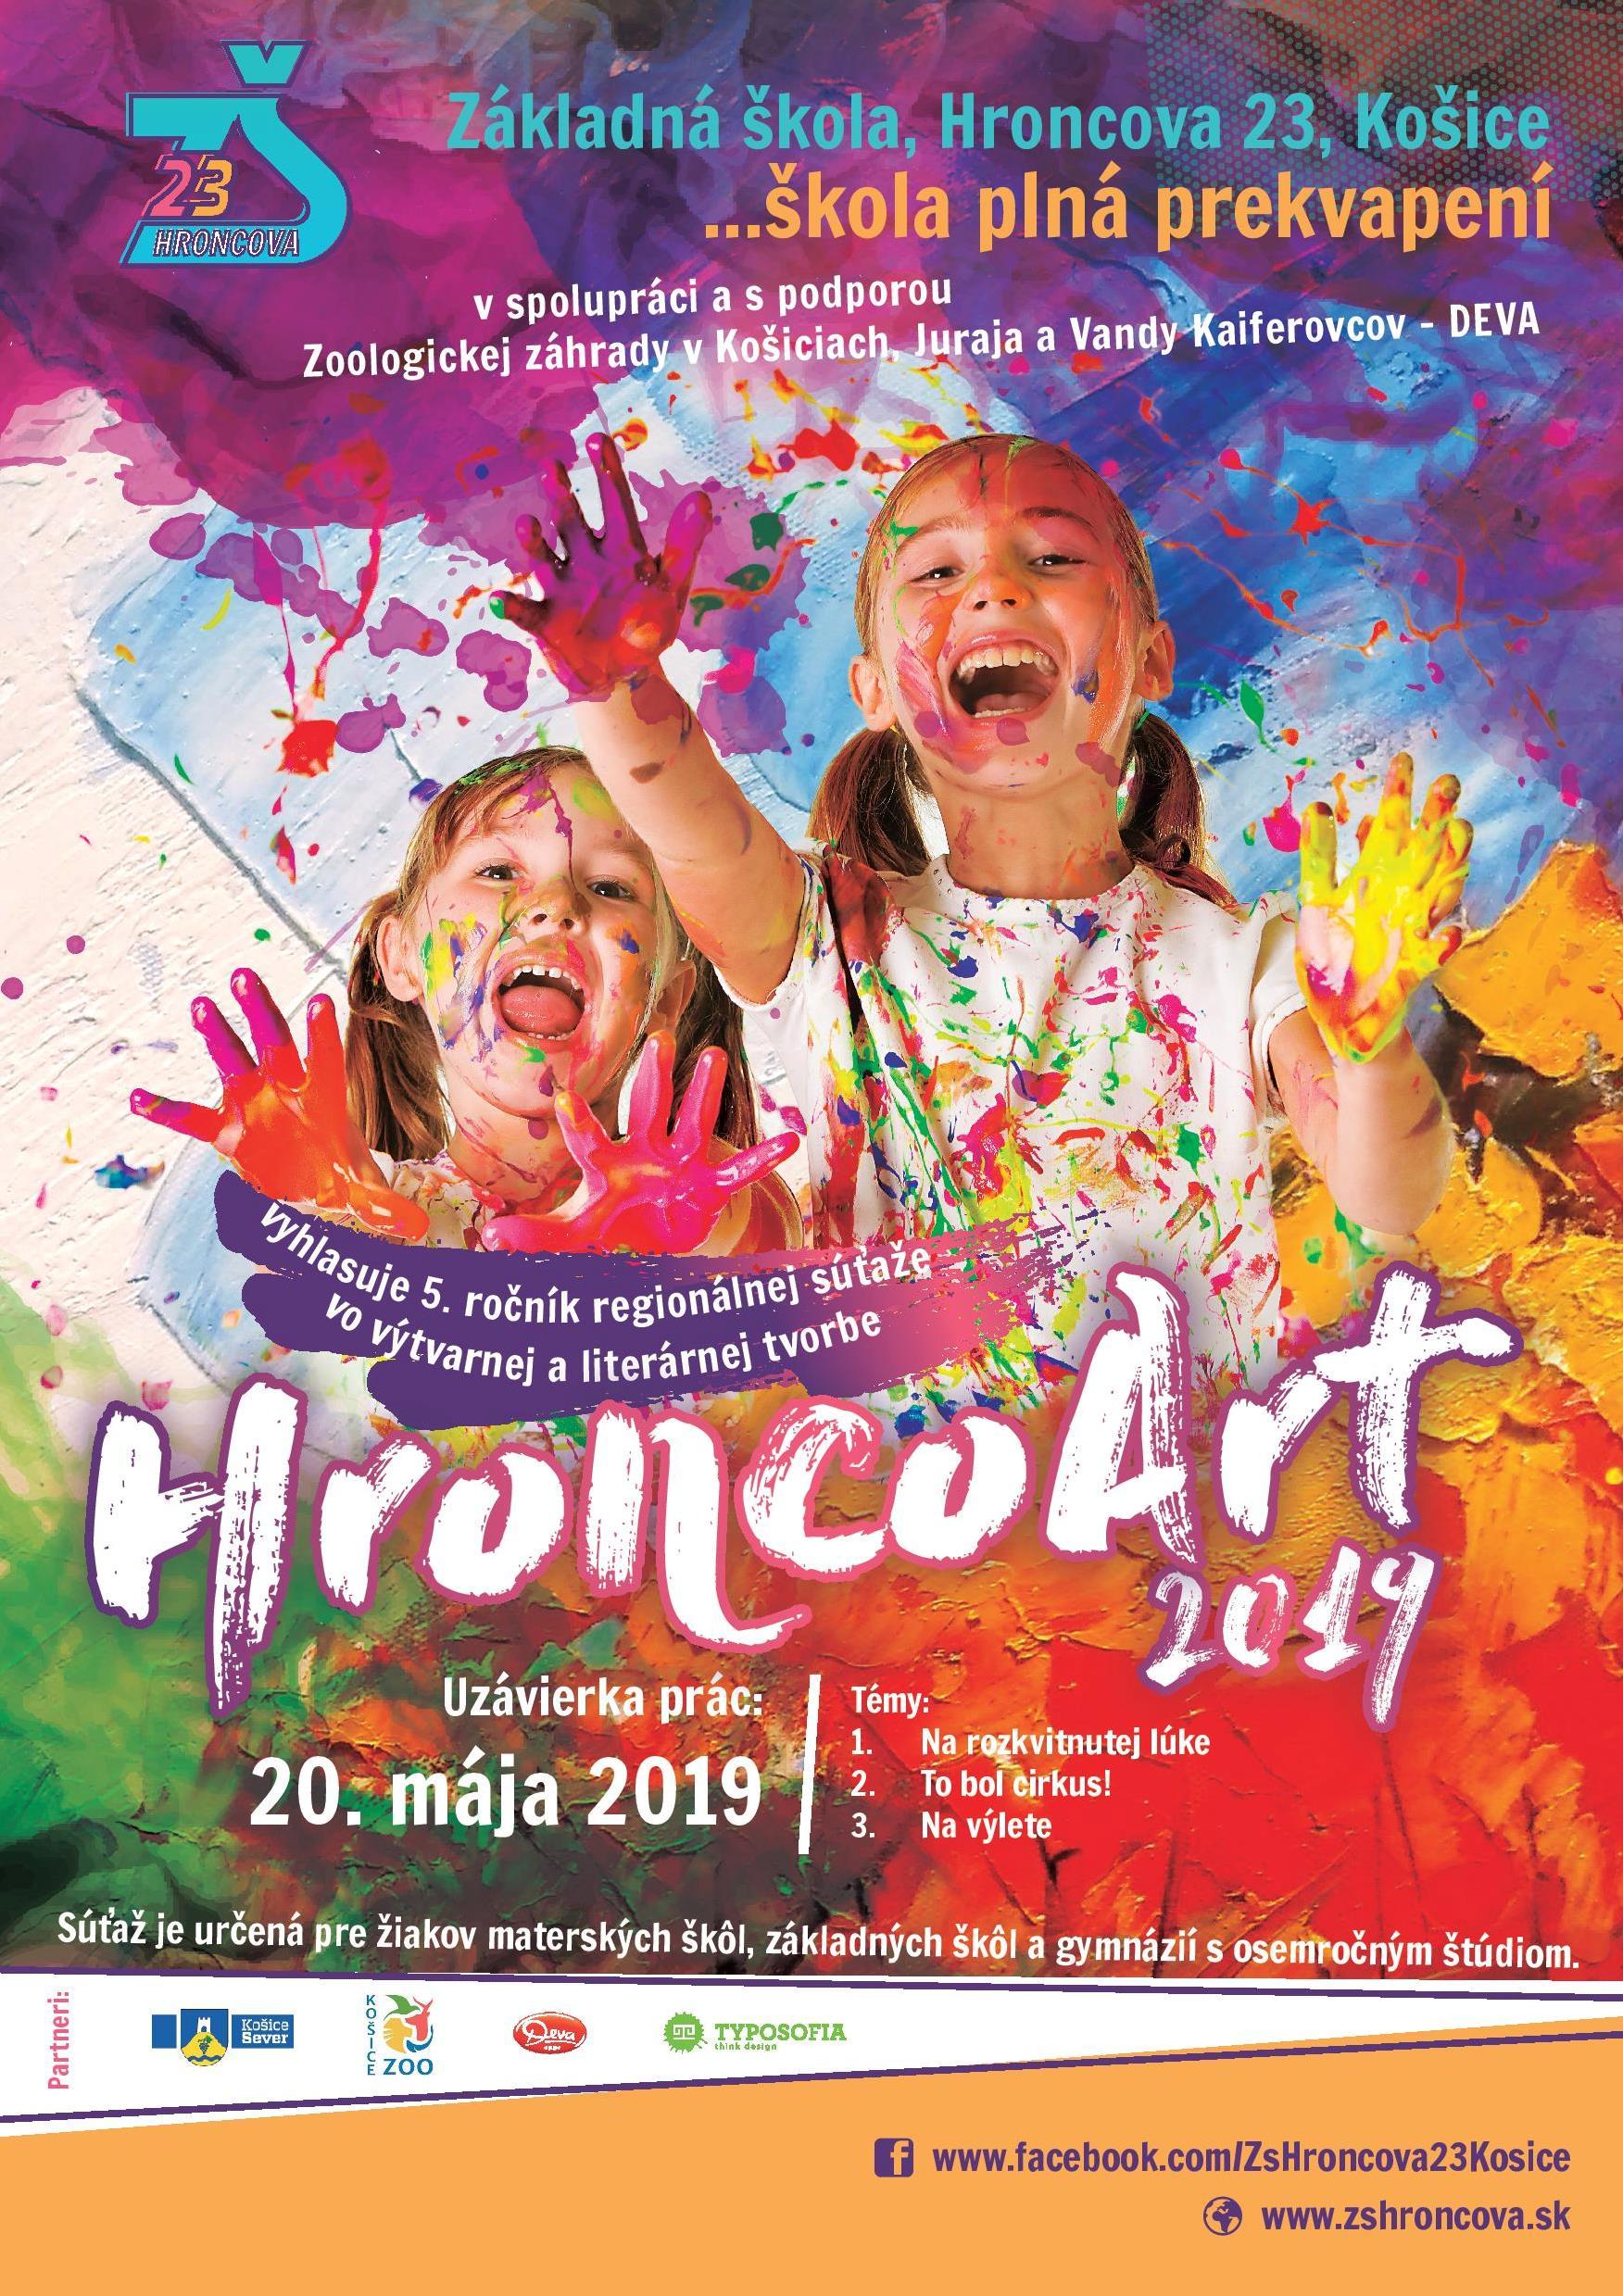 Hroncoart 2019